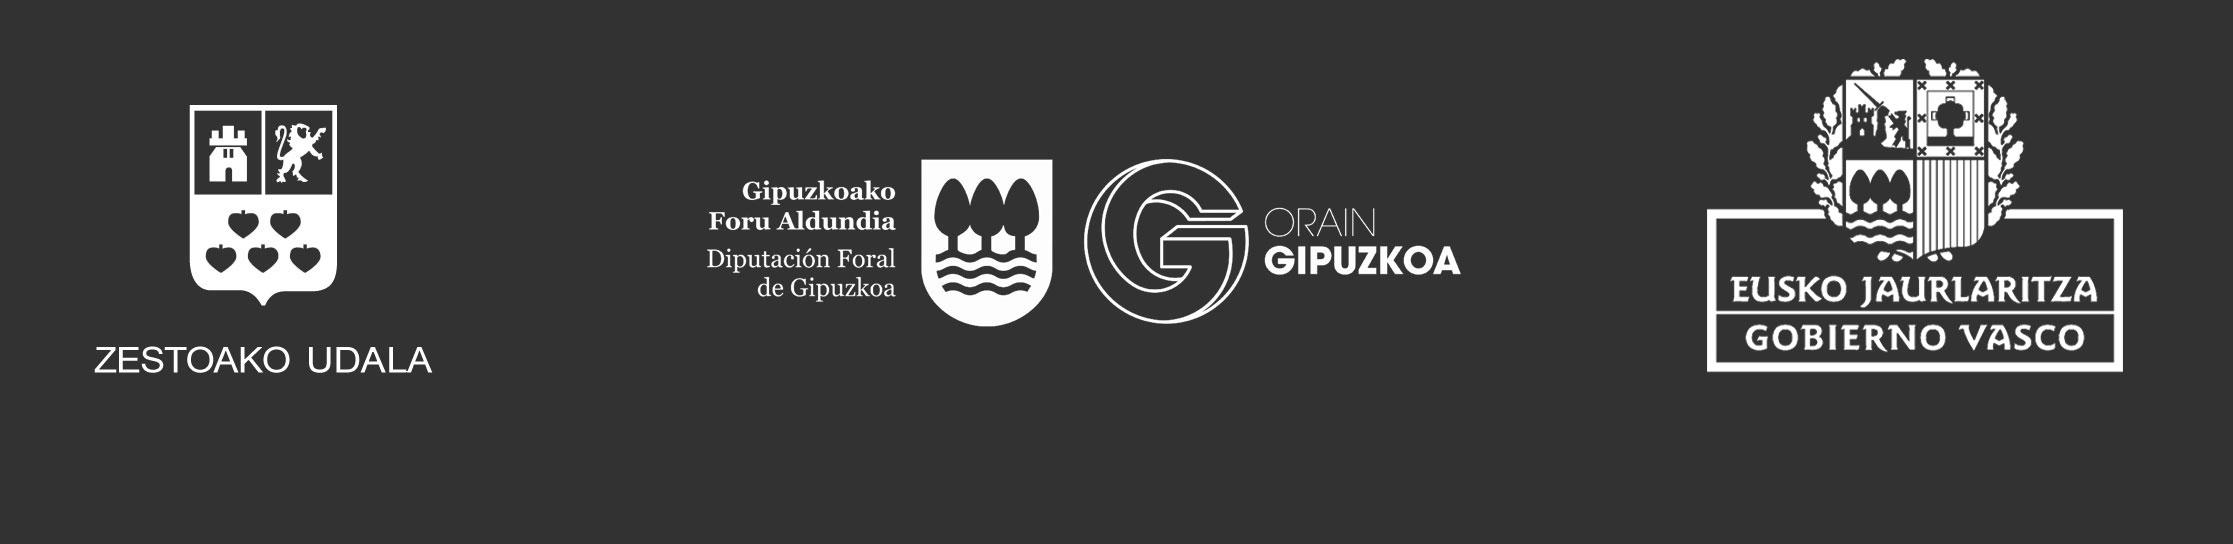 Miembros fundación Ekain